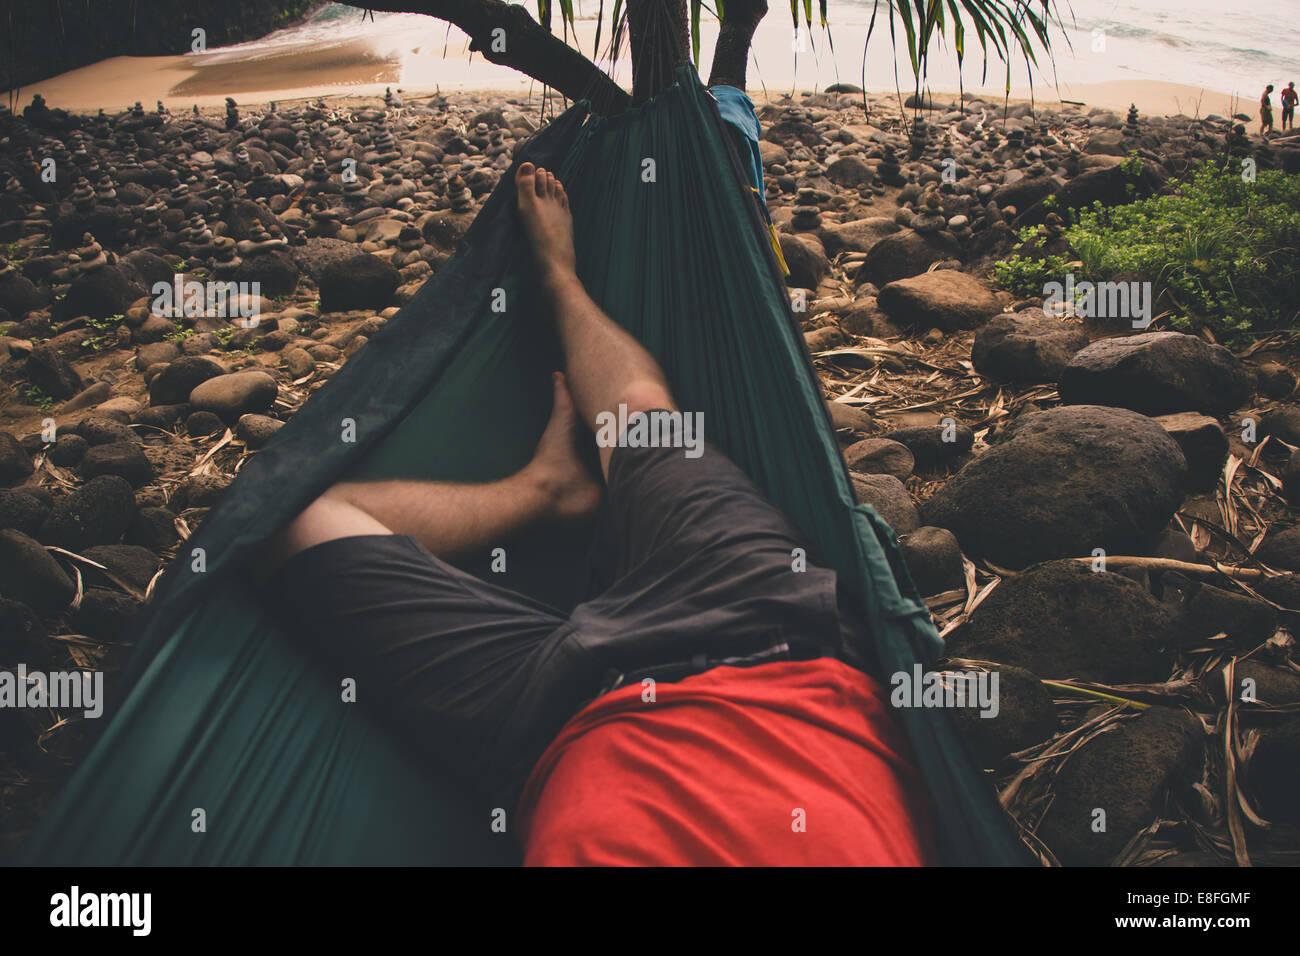 USA, Hawaii Inseln Kauai, niedrige Abschnitt des Mannes entspannen auf der Hängematte Stockbild